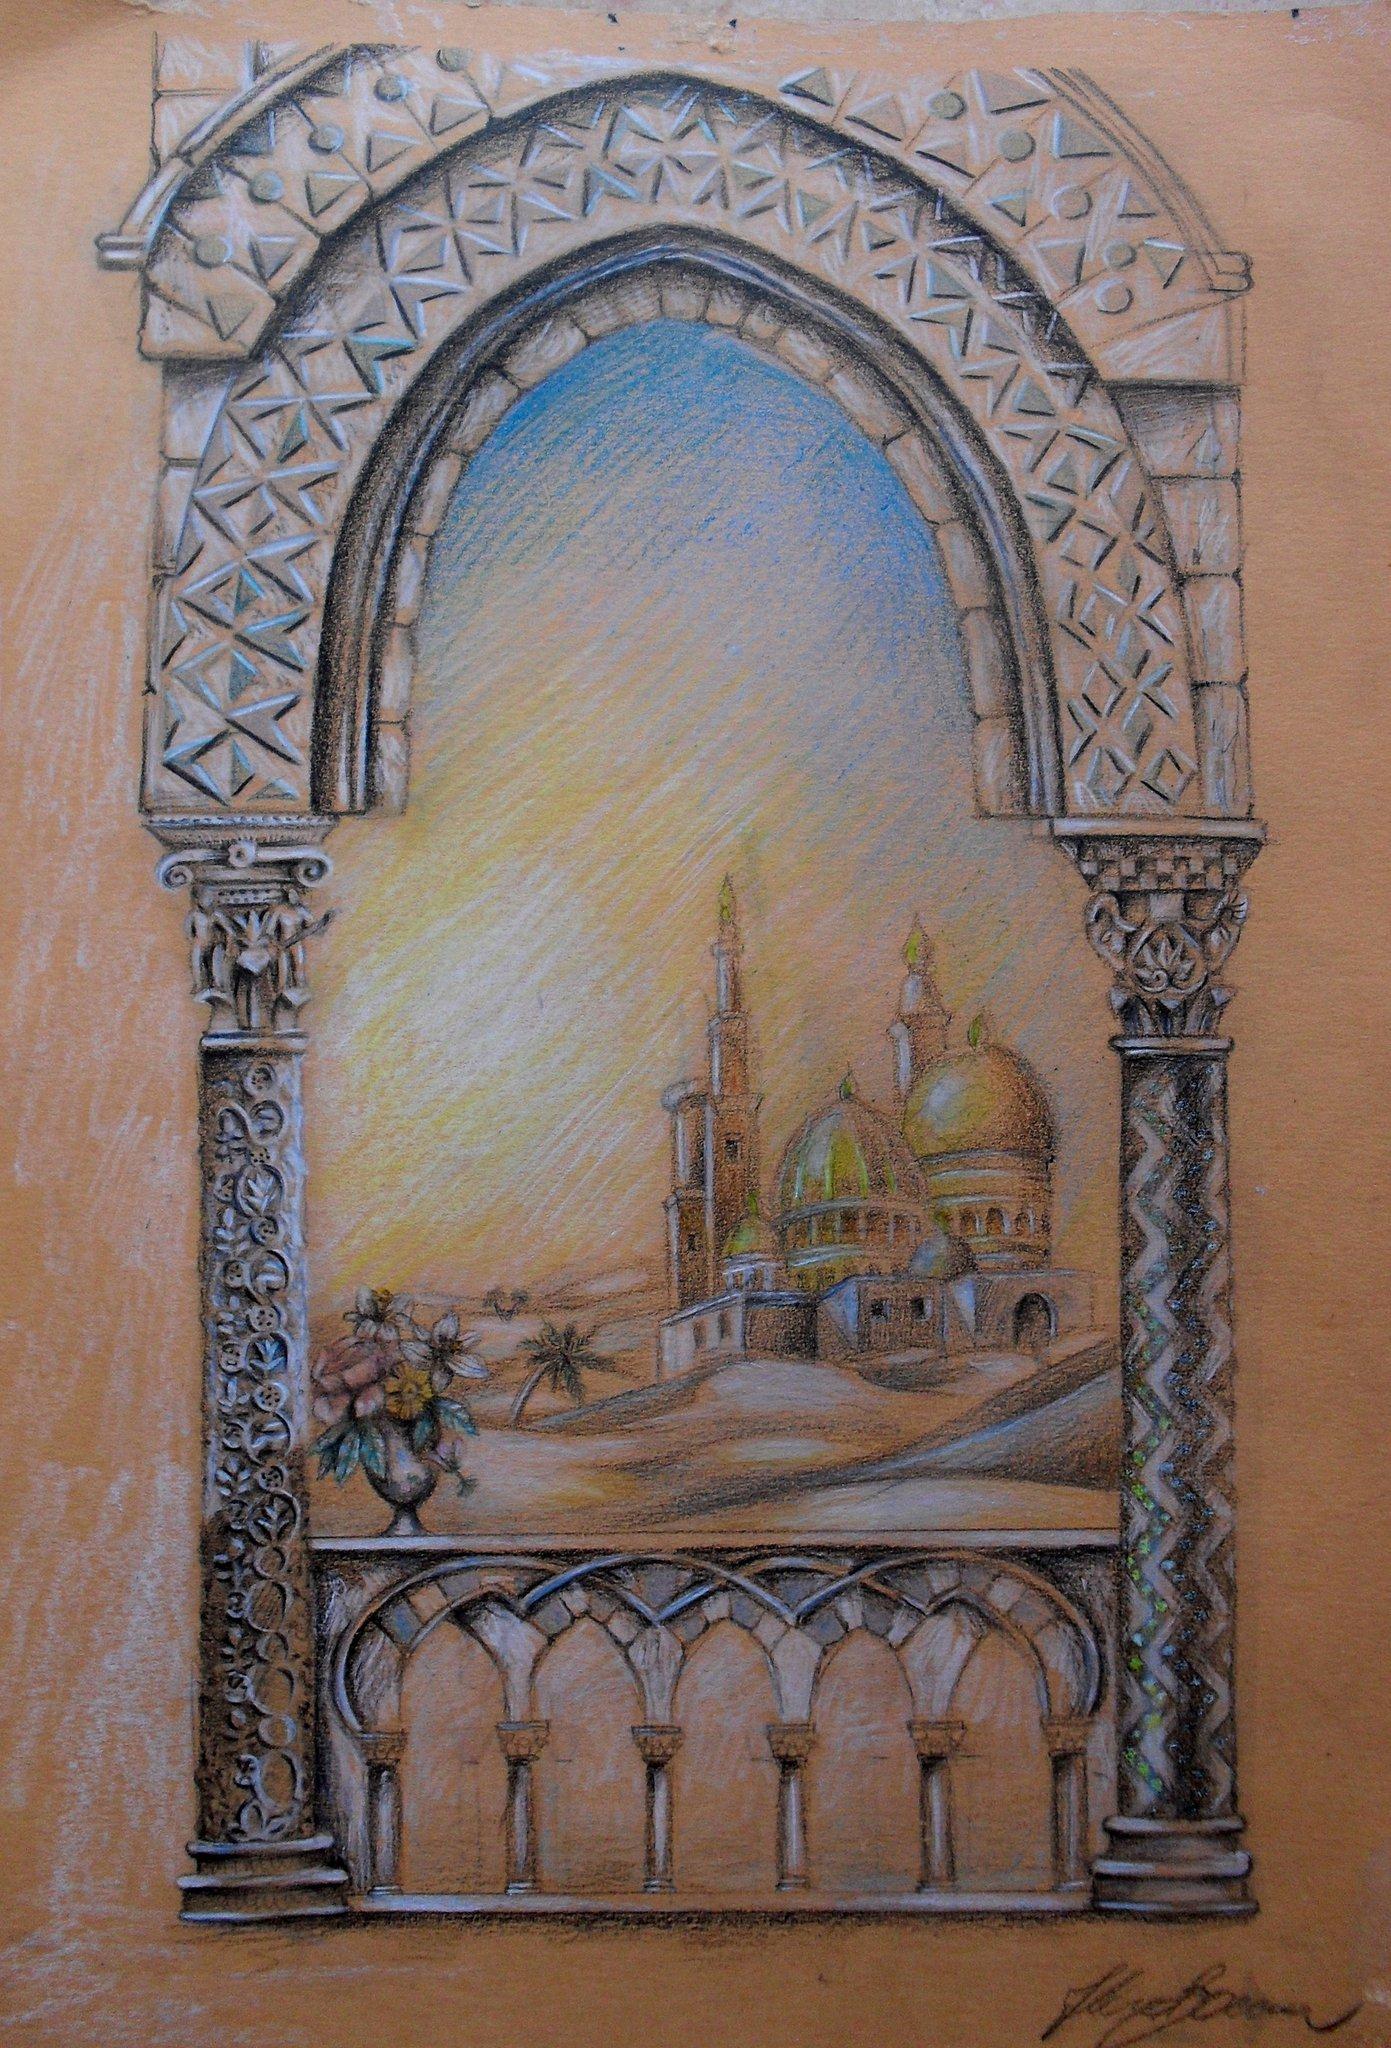 Bozzetto, pastelli su carta, 19 X 29 cm